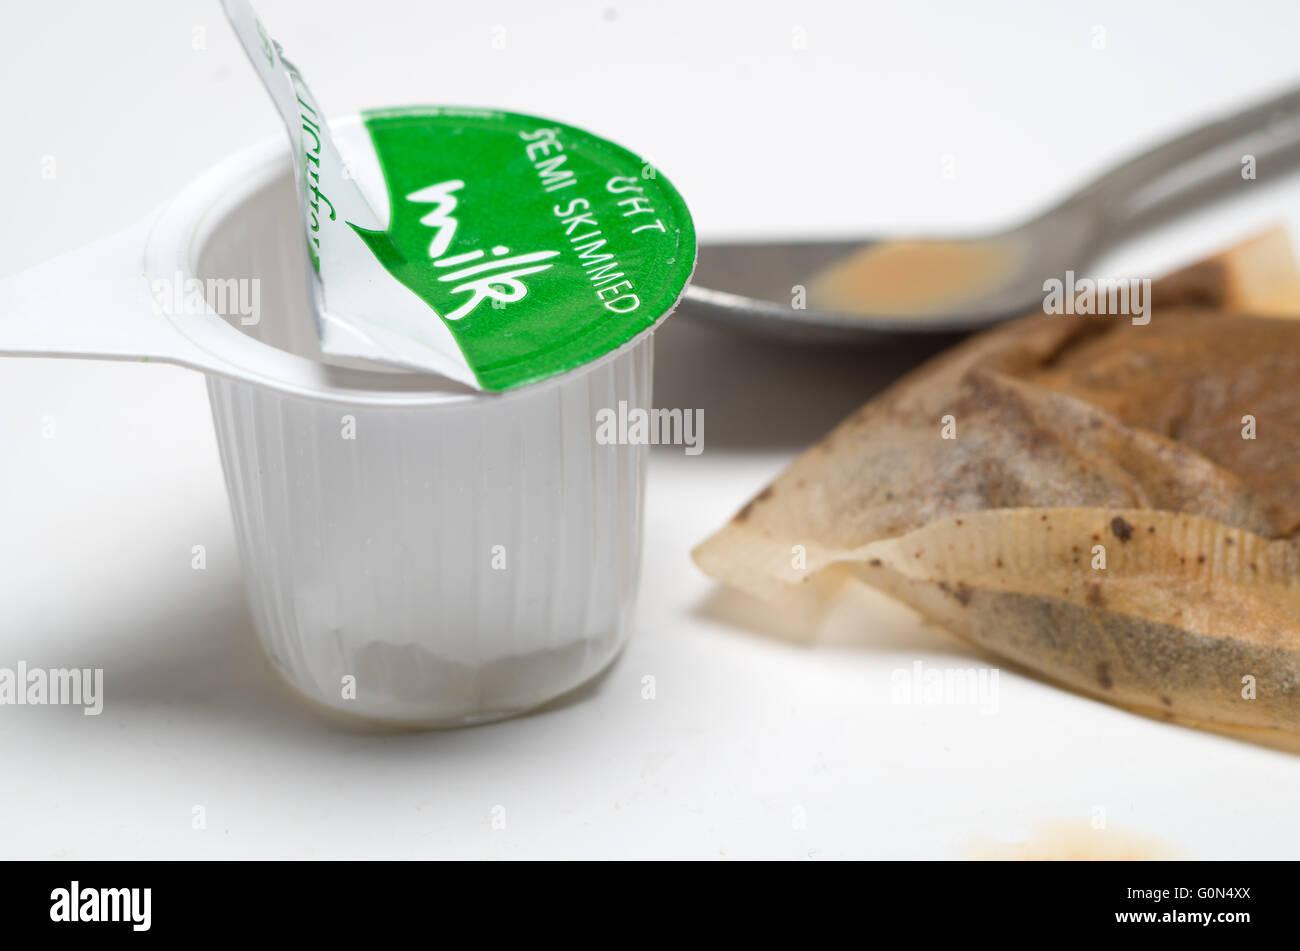 making-cup-of-tea-G0N4XX.jpg